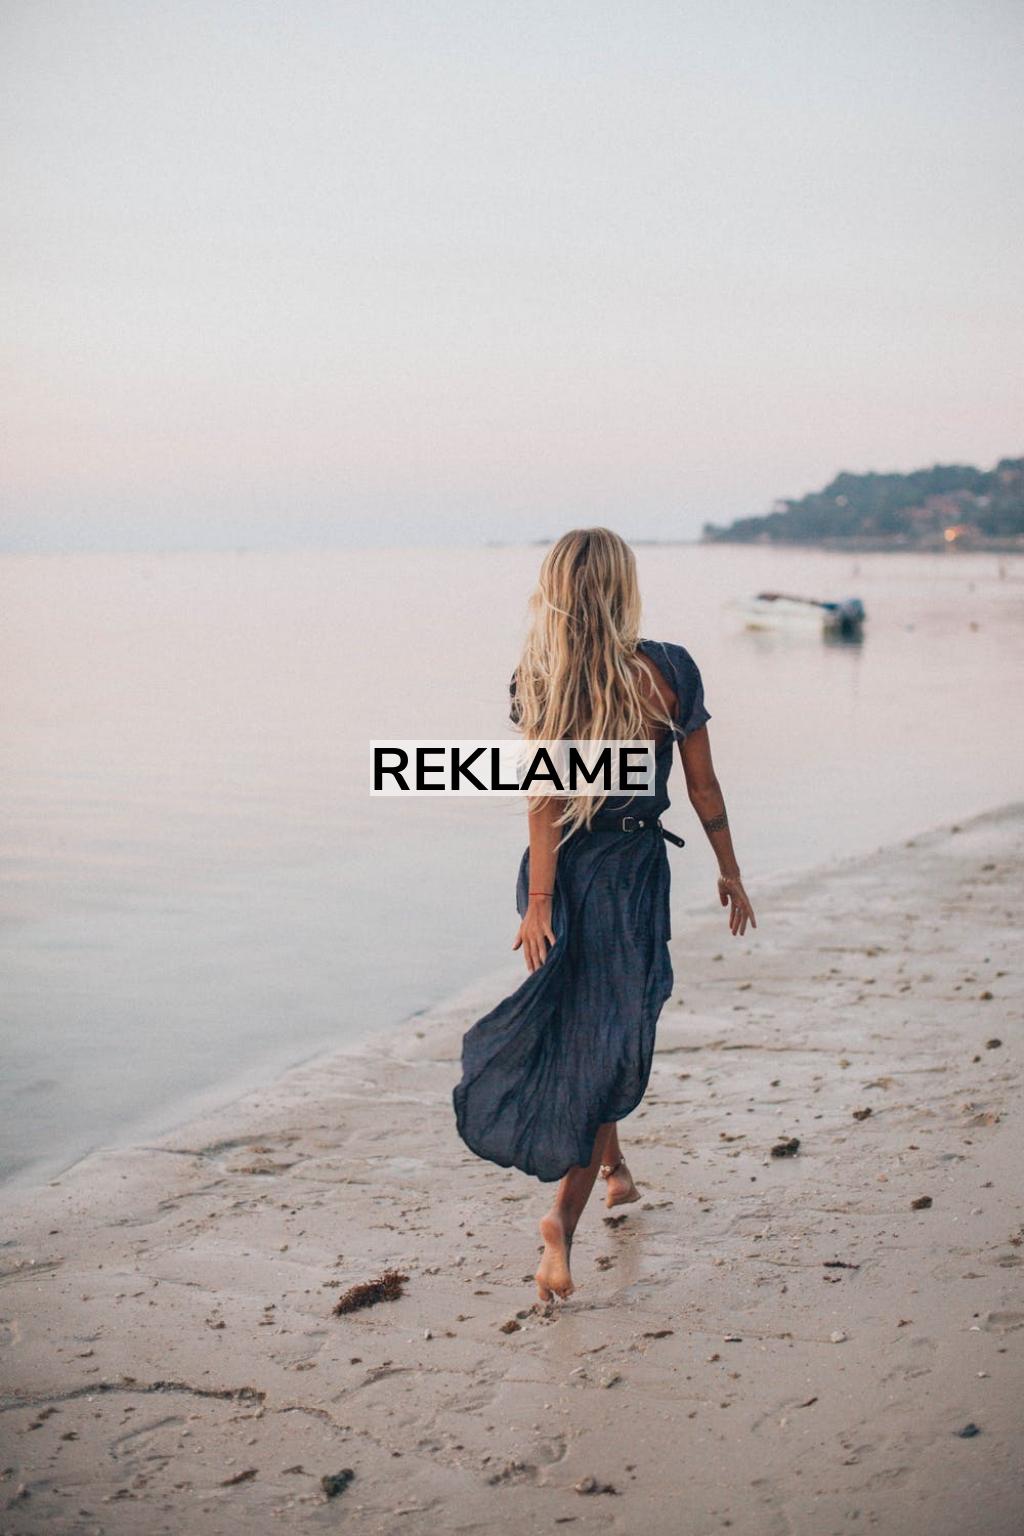 Find fred på stranden